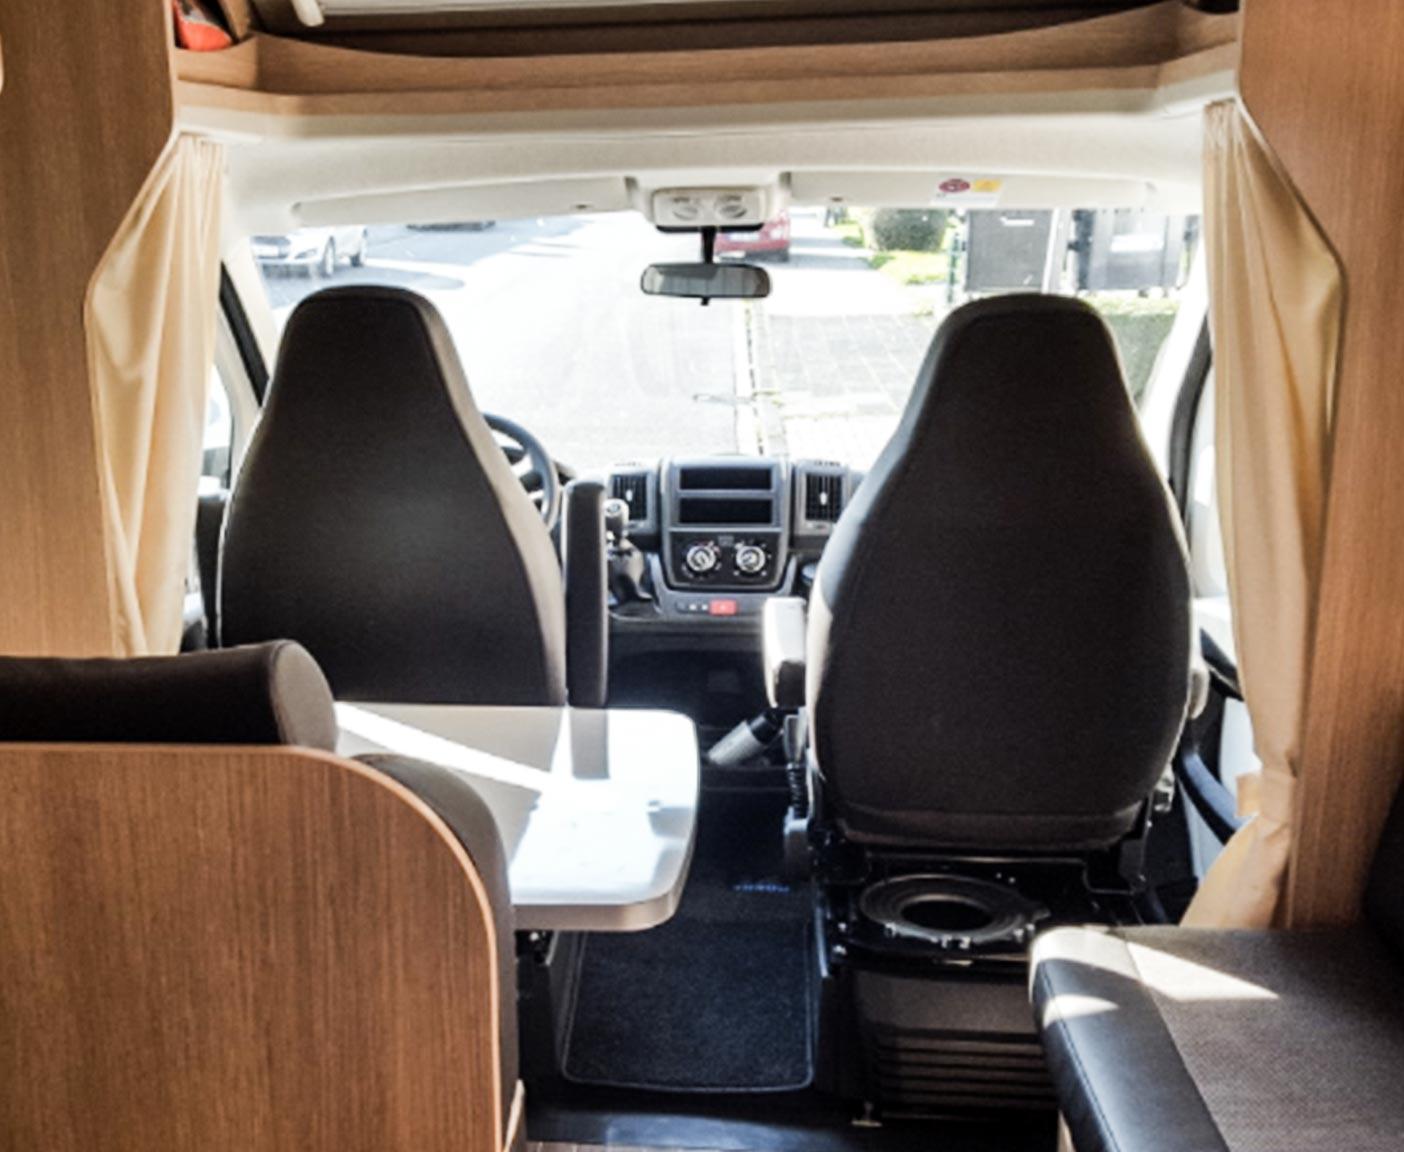 Wohnmobil Innenraum mit zwei Fahrersitzen, Wohnmobil vermieten bei PaulCamper